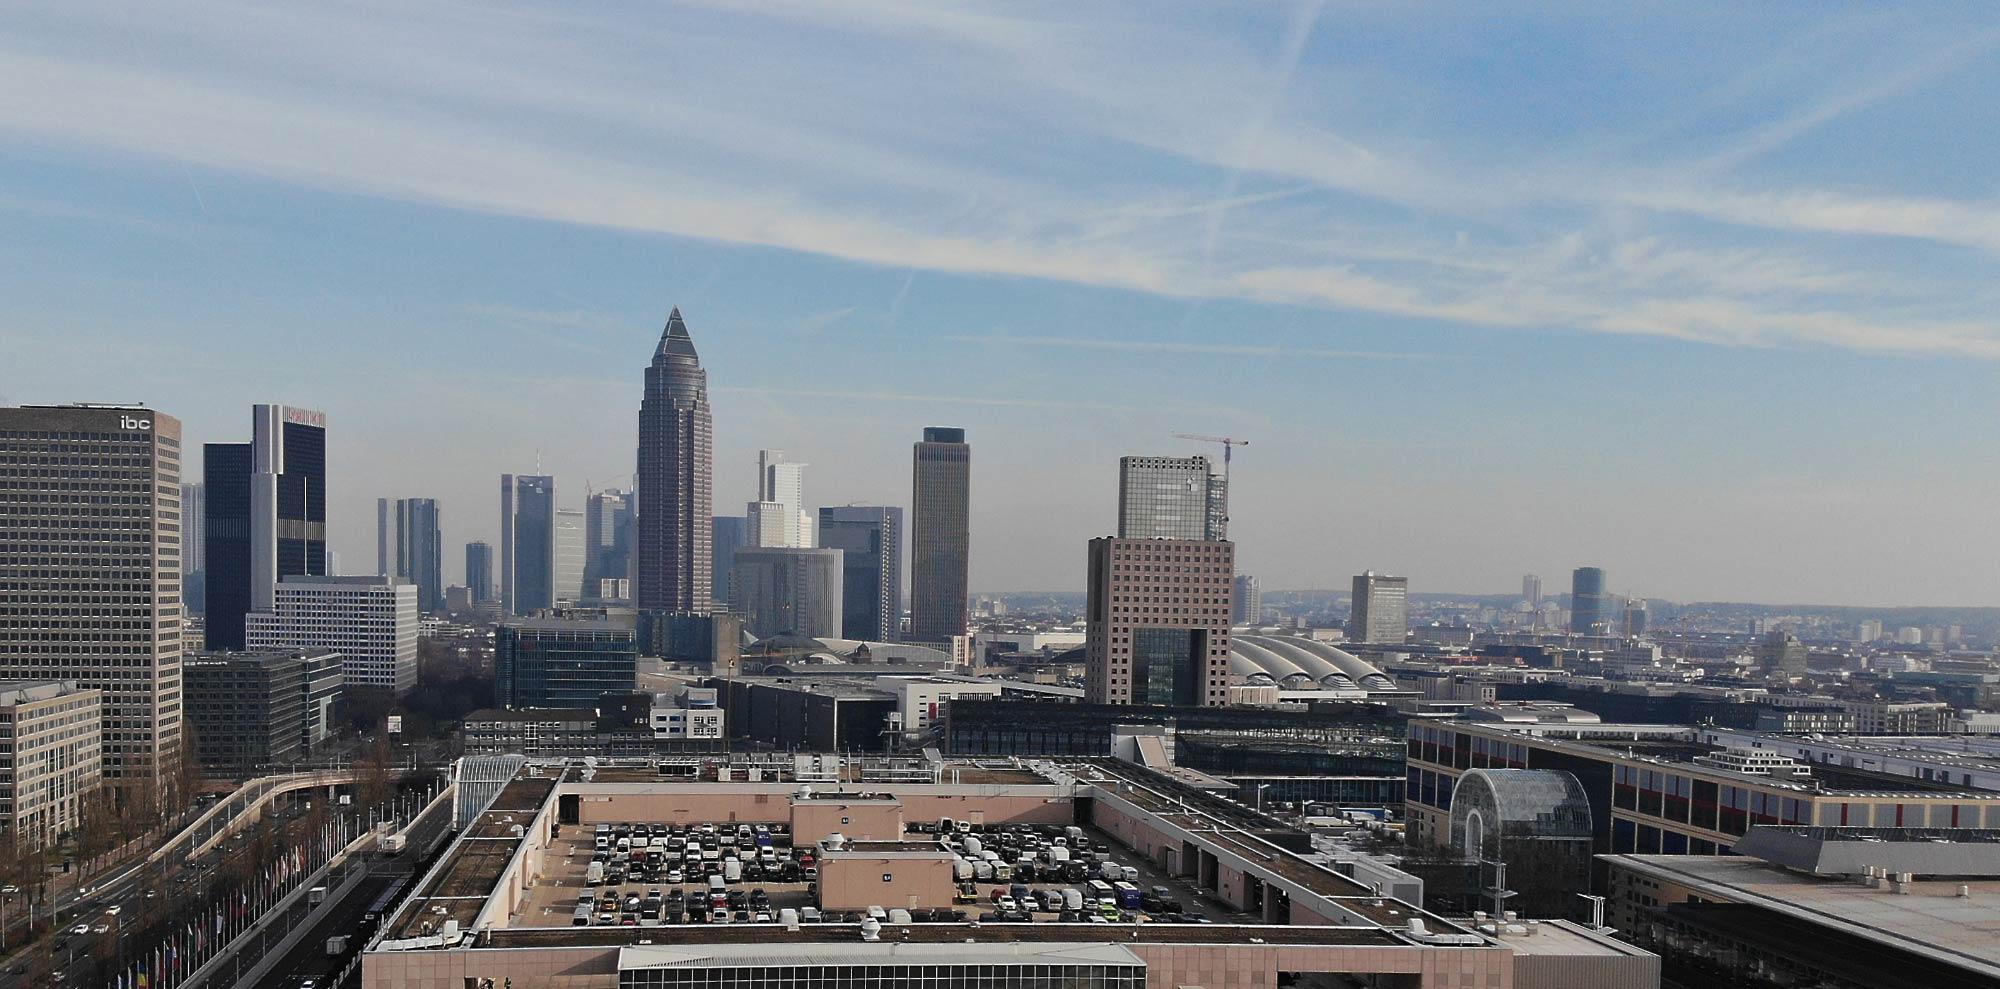 Höchste Hochhäuser - Frankfurter Wolkenkratzer - Top 10 Hochhäuser